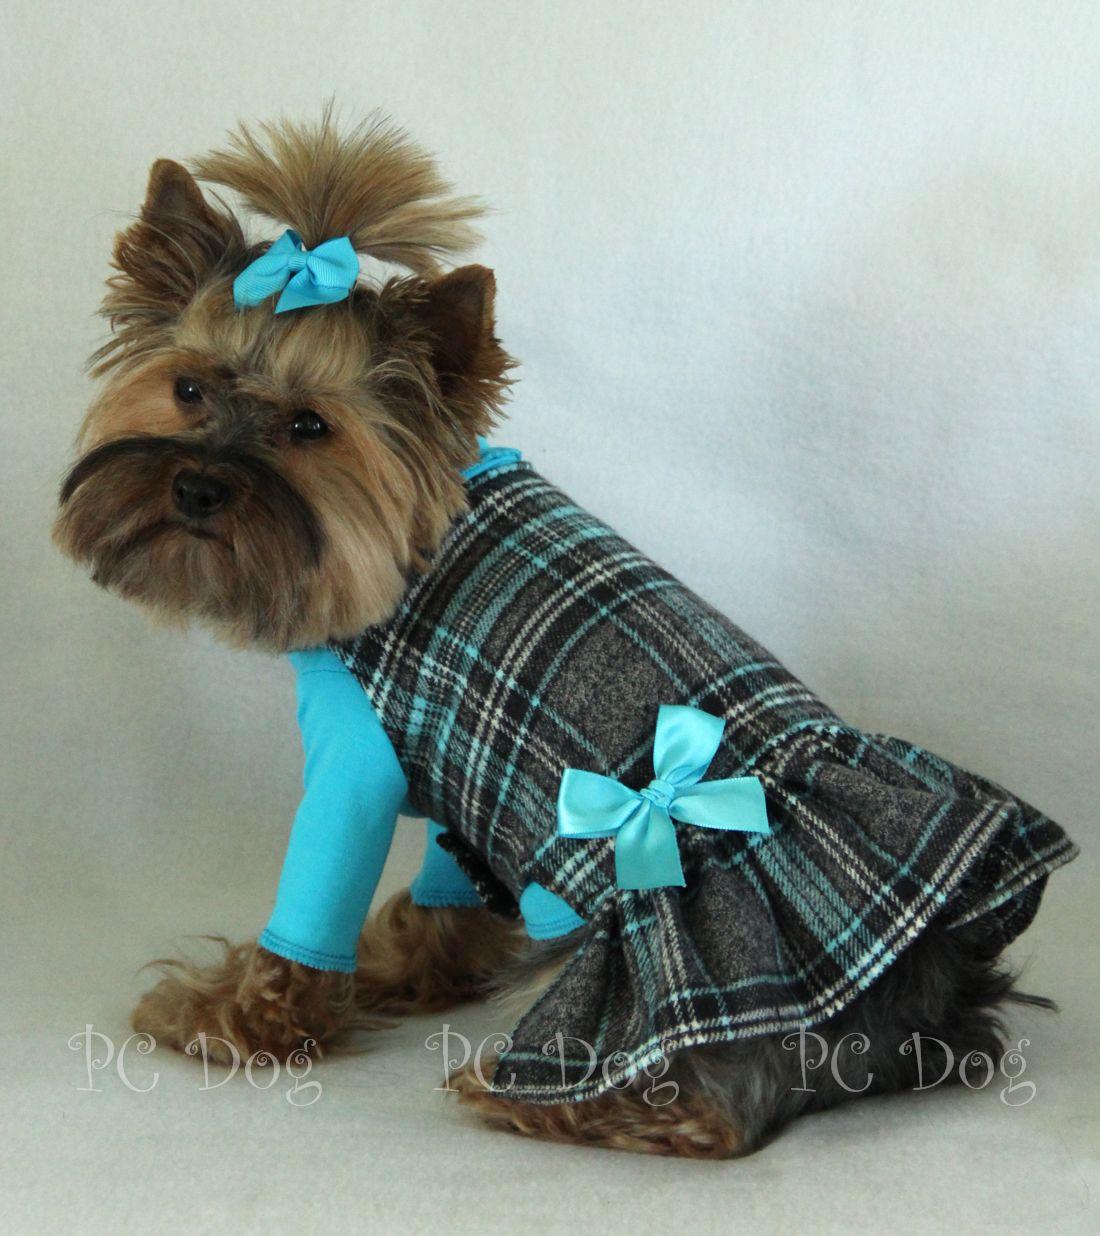 Aqua Plaid Dog Dress Dog clothes patterns, Pet clothes